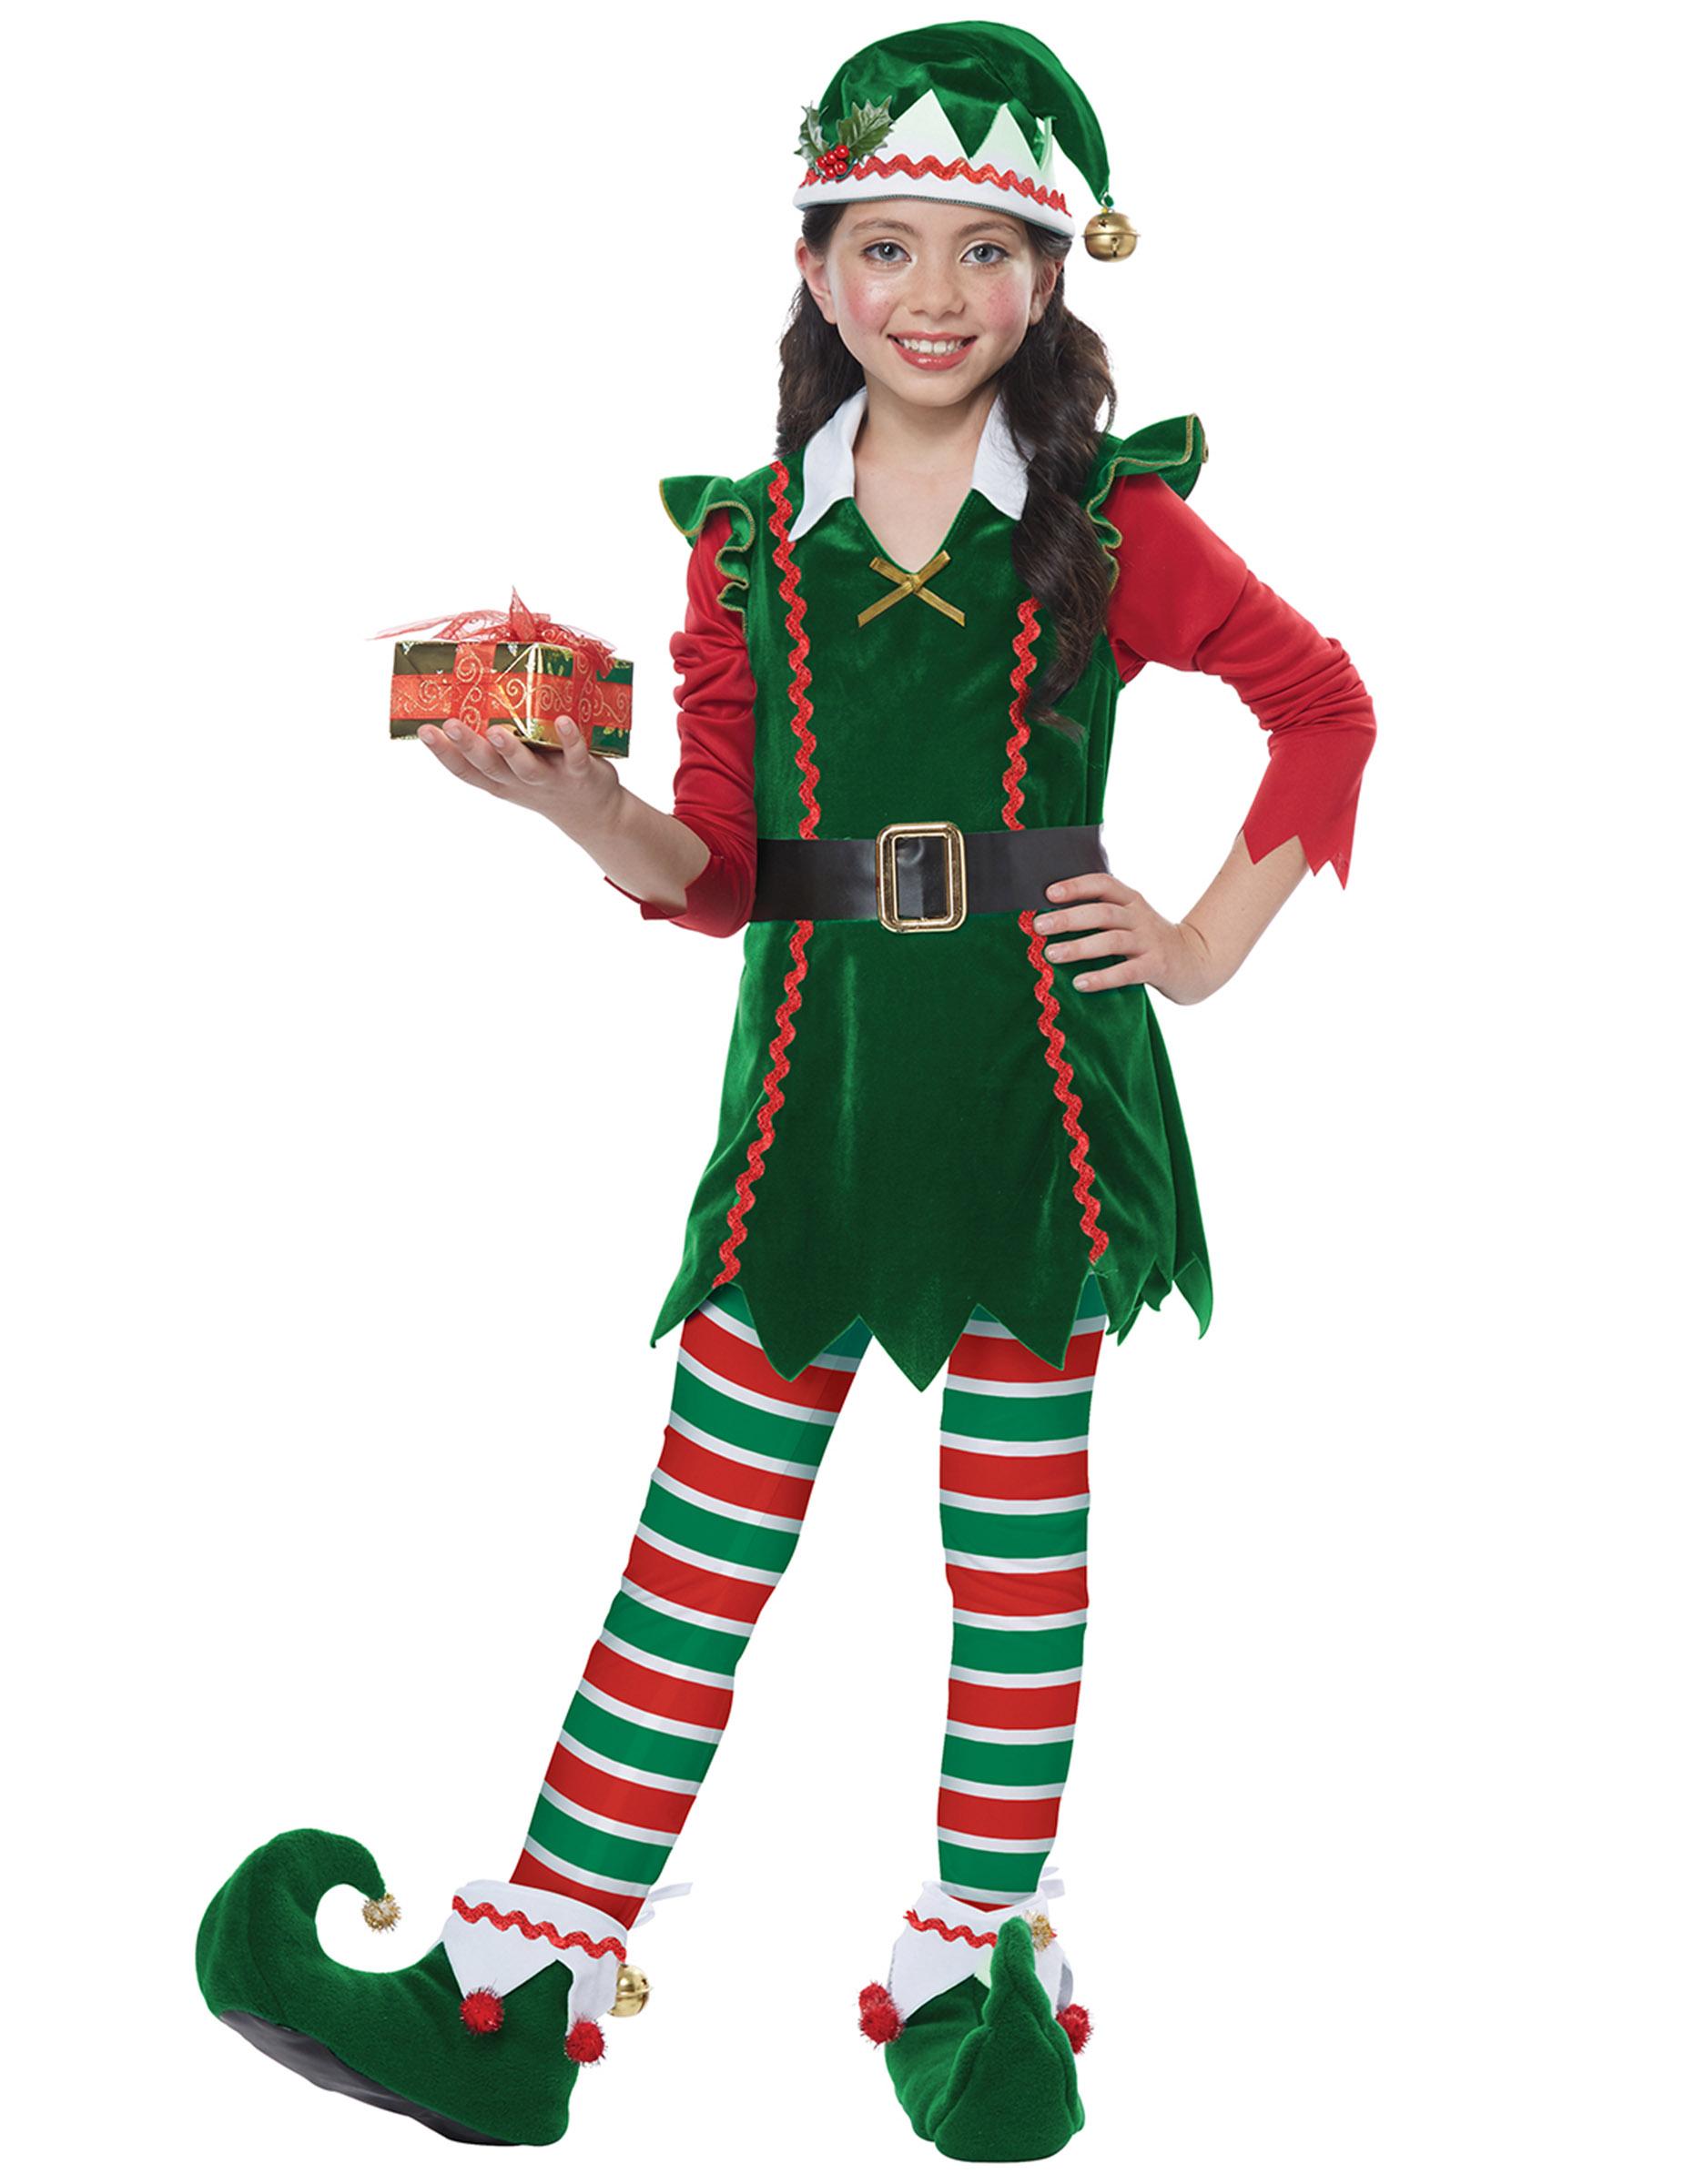 Weihnachtself-Kostüm für Mädchen grün-rot-weiss - 134 (6-8 Jahre) 307225